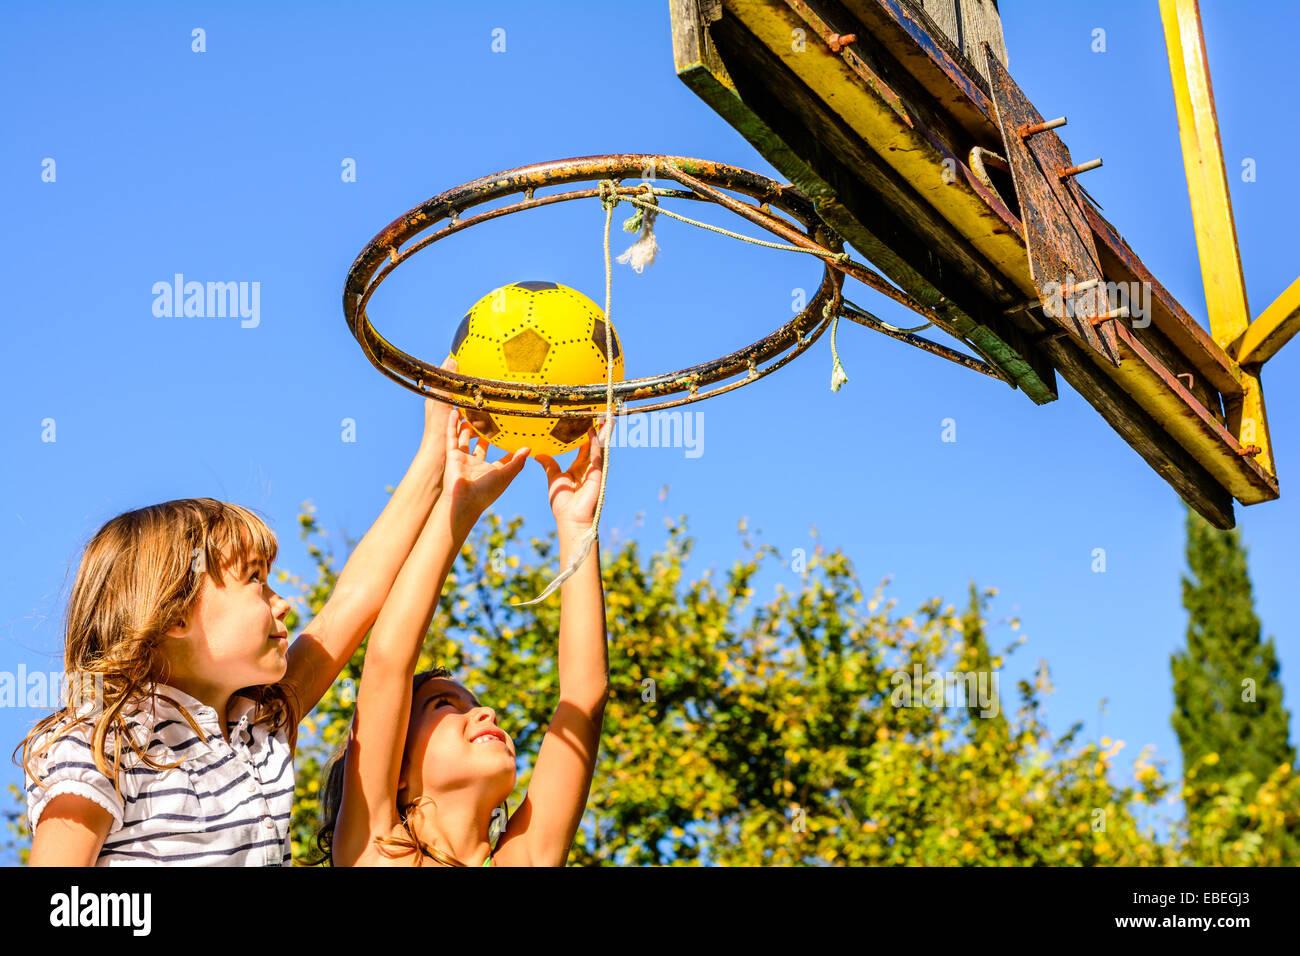 Due di sette anni le ragazze giocare a basket all'aperto Immagini Stock